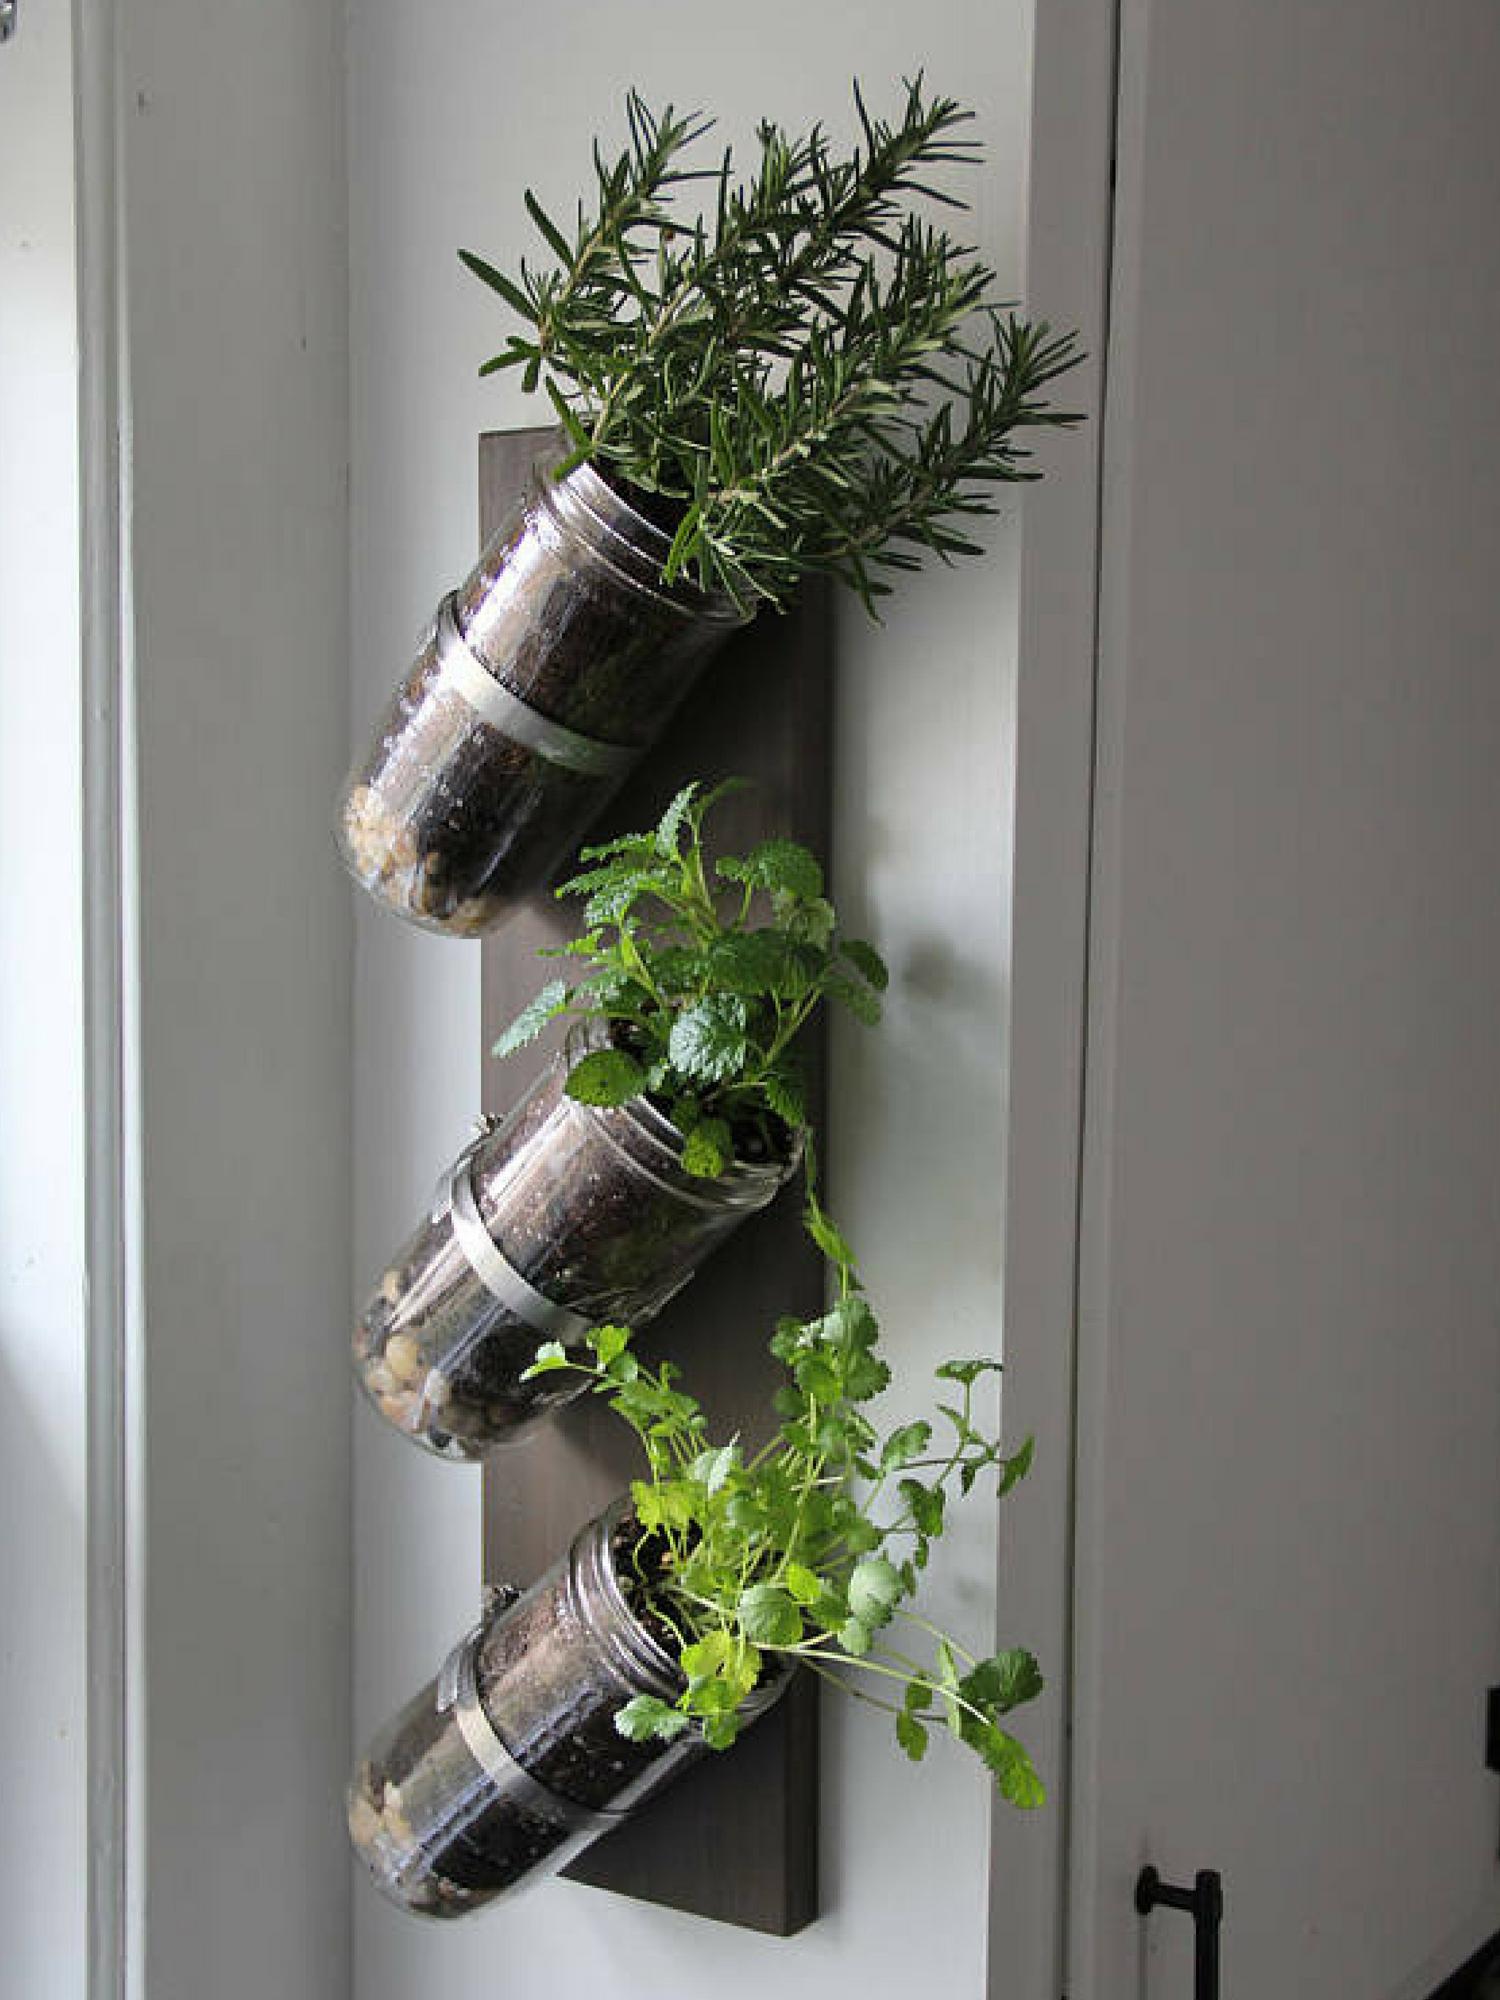 Mason Jar Herb Garden #Masonjar #Masonjarideas #Herbgarden #Garden # Indoorgarden